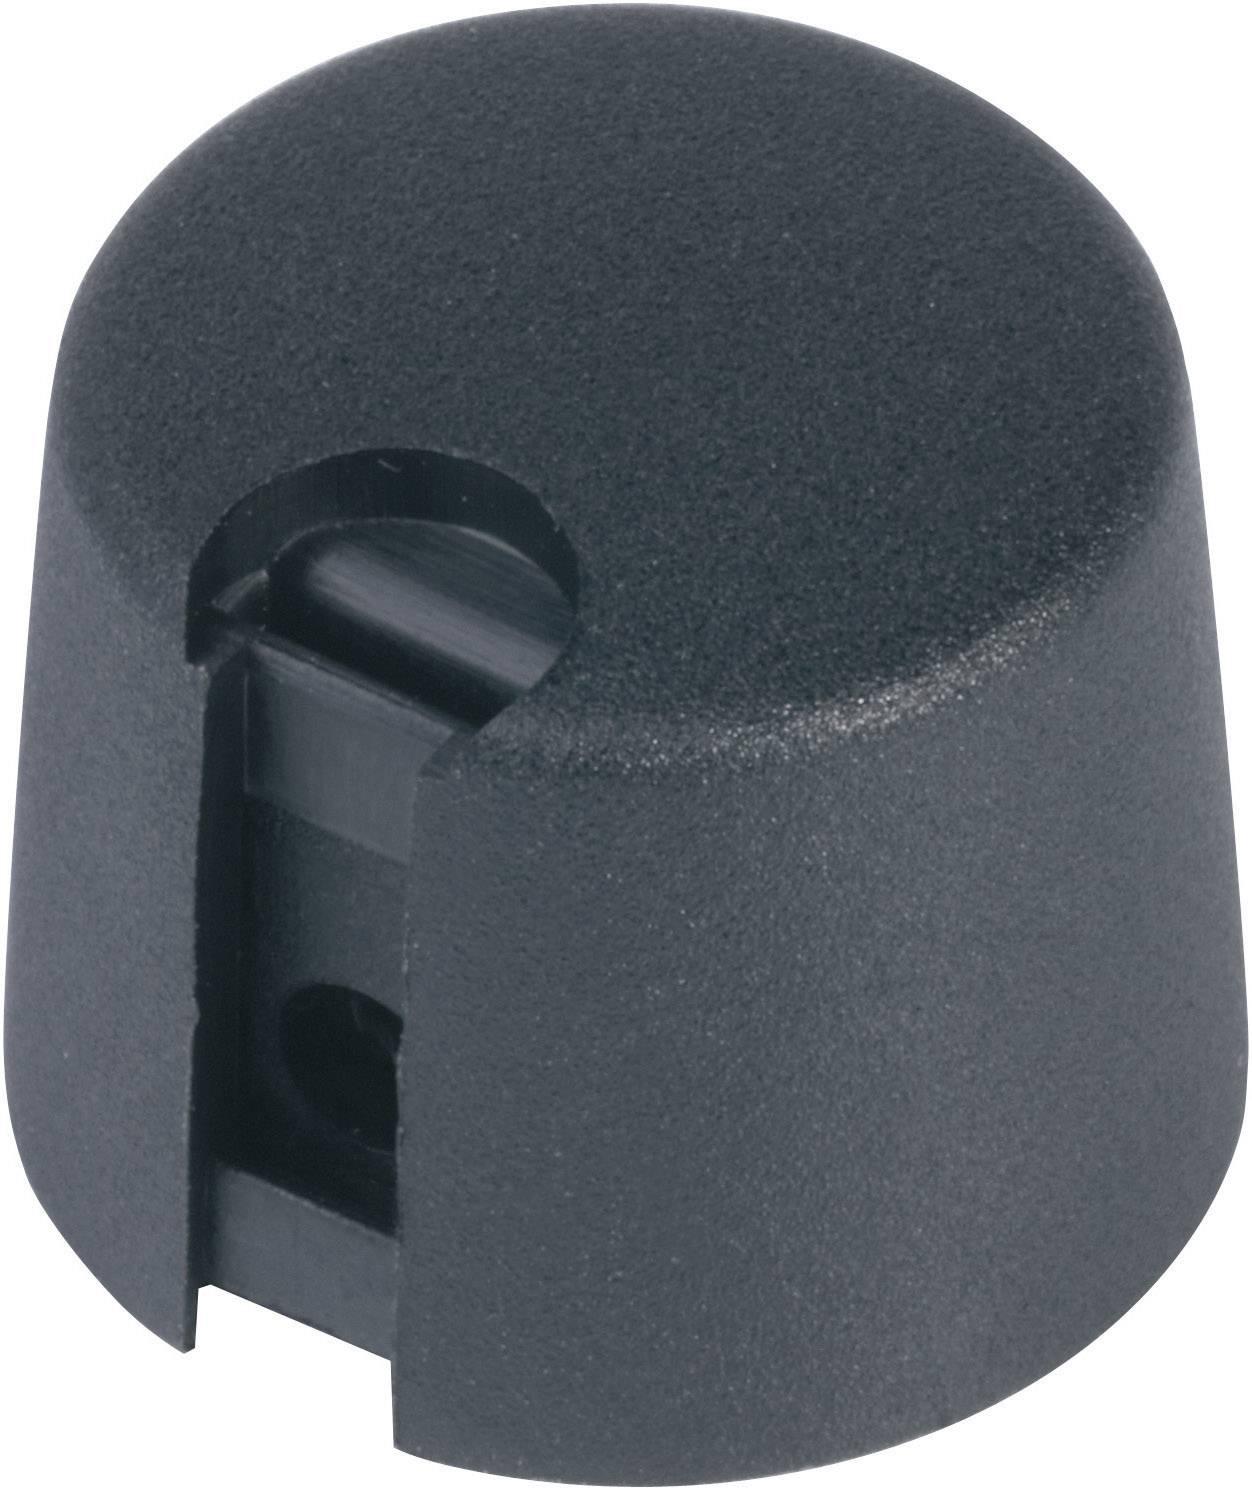 Ovládací knoflík OKW, Ø 20 mm x V 16 mm, 6 mm, černá